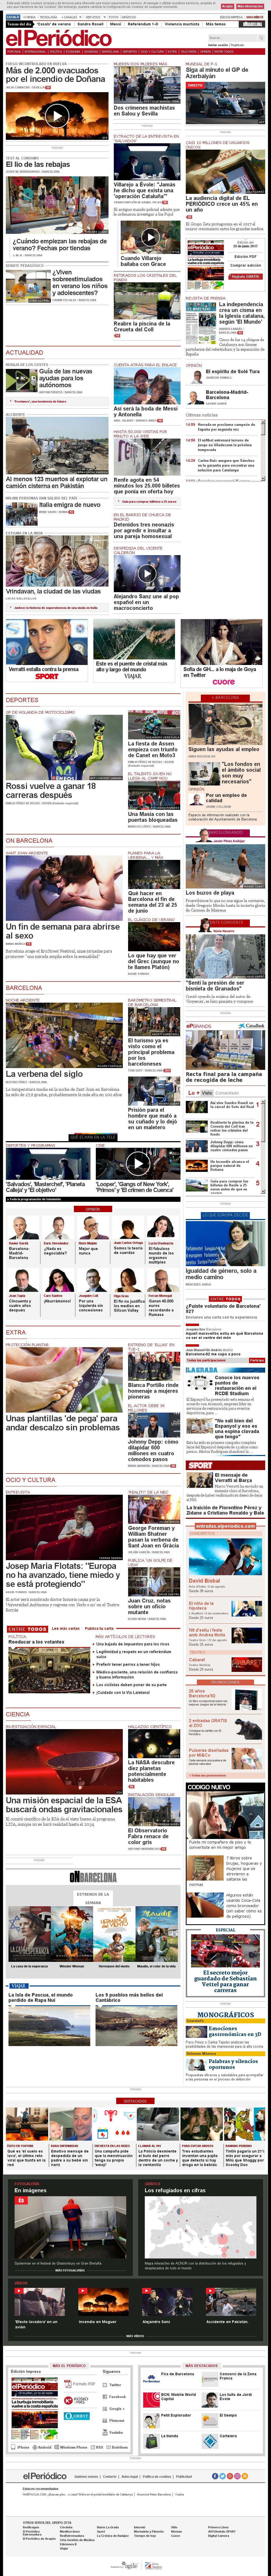 El Periodico at Sunday June 25, 2017, 1:12 p.m. UTC